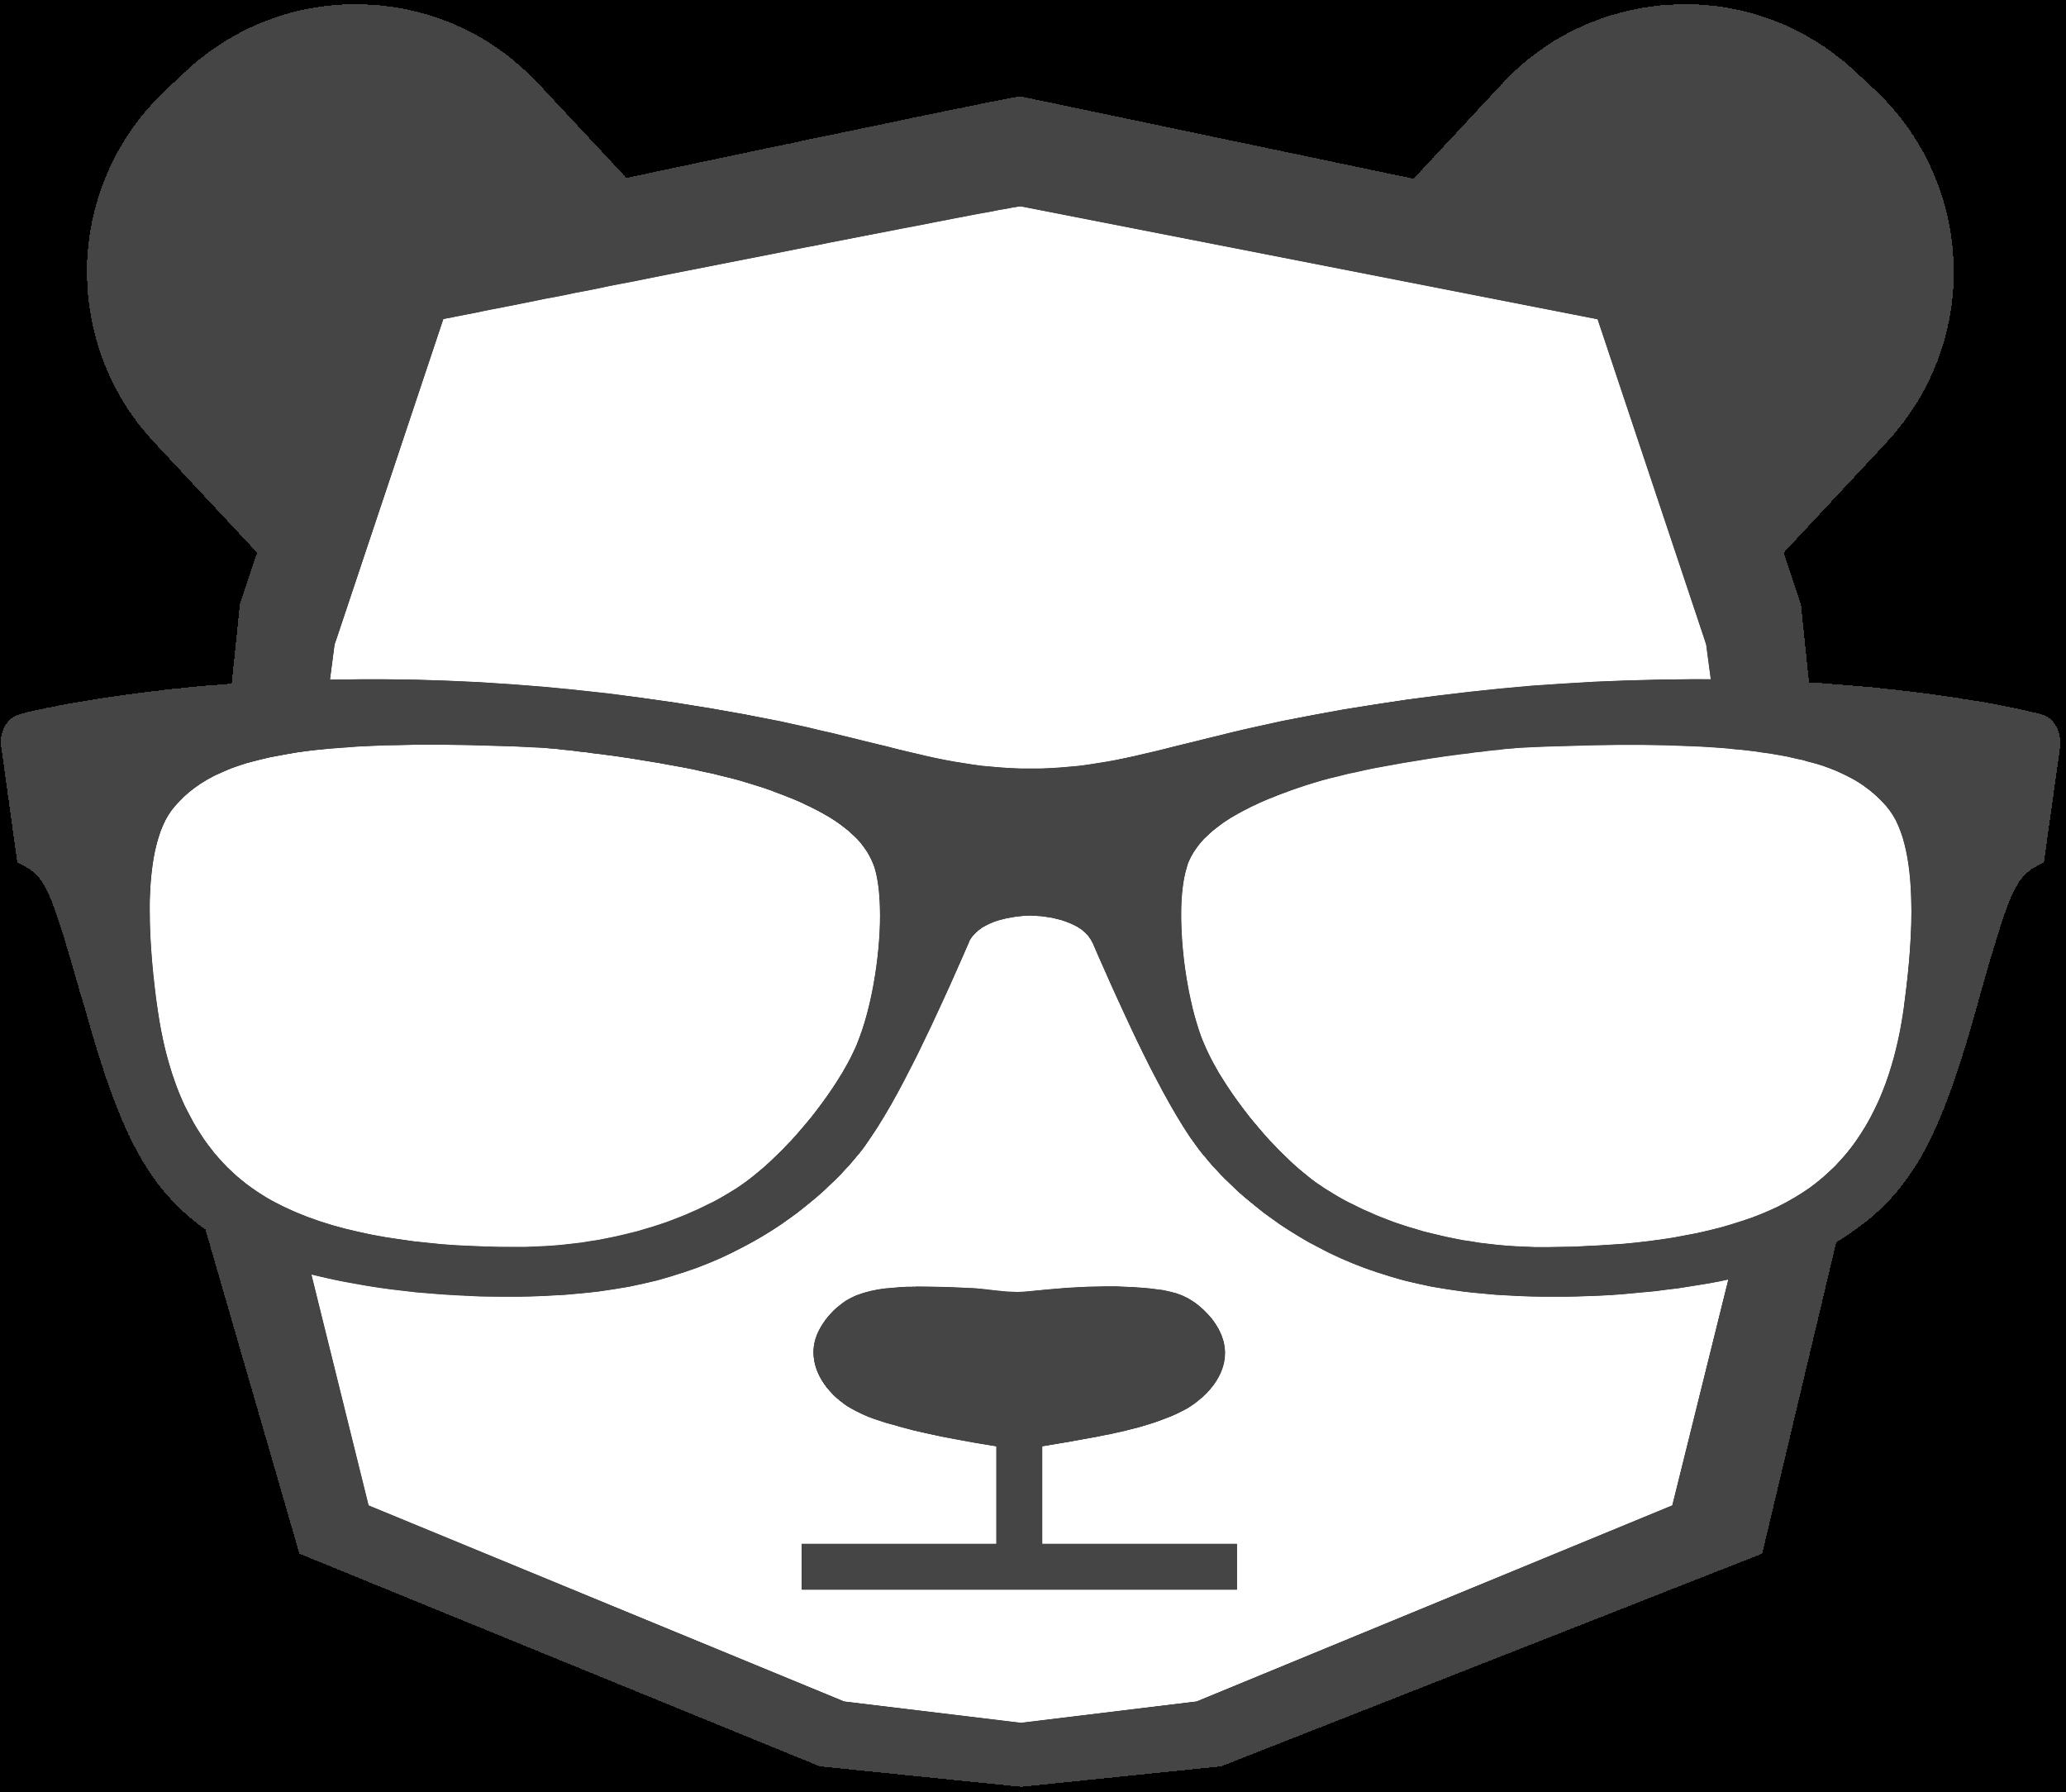 Big Panda 로고